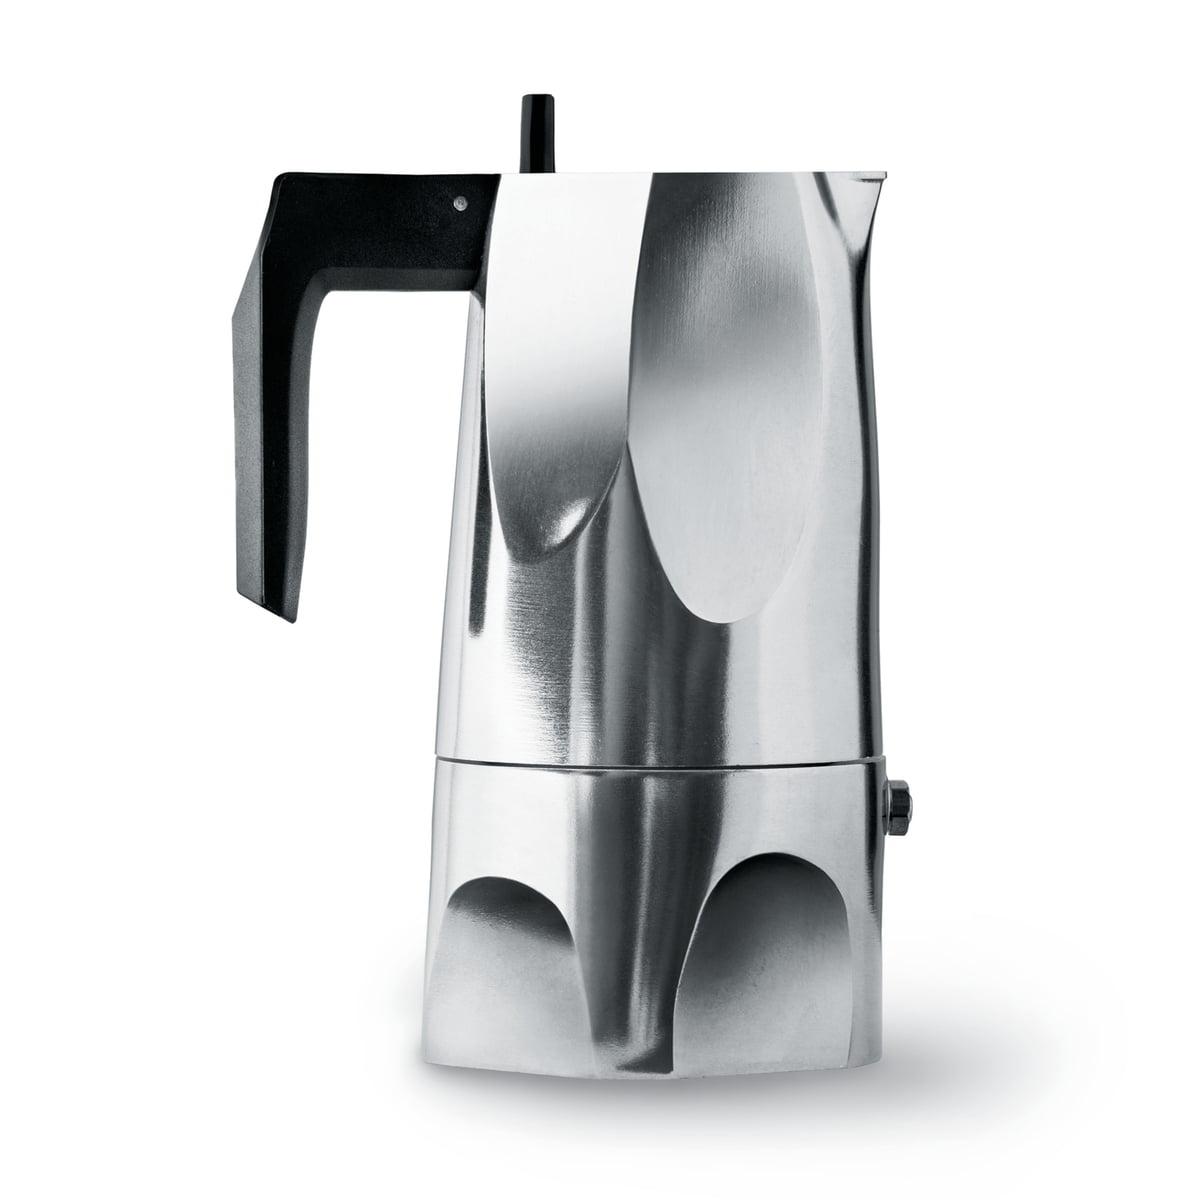 Alessi - MT18/3 Ossidiana Espressomaschine | Küche und Esszimmer > Kaffee und Tee > Espressomaschinen | Aluminium | Gußaluminium -  thermoplastisches harz | Alessi